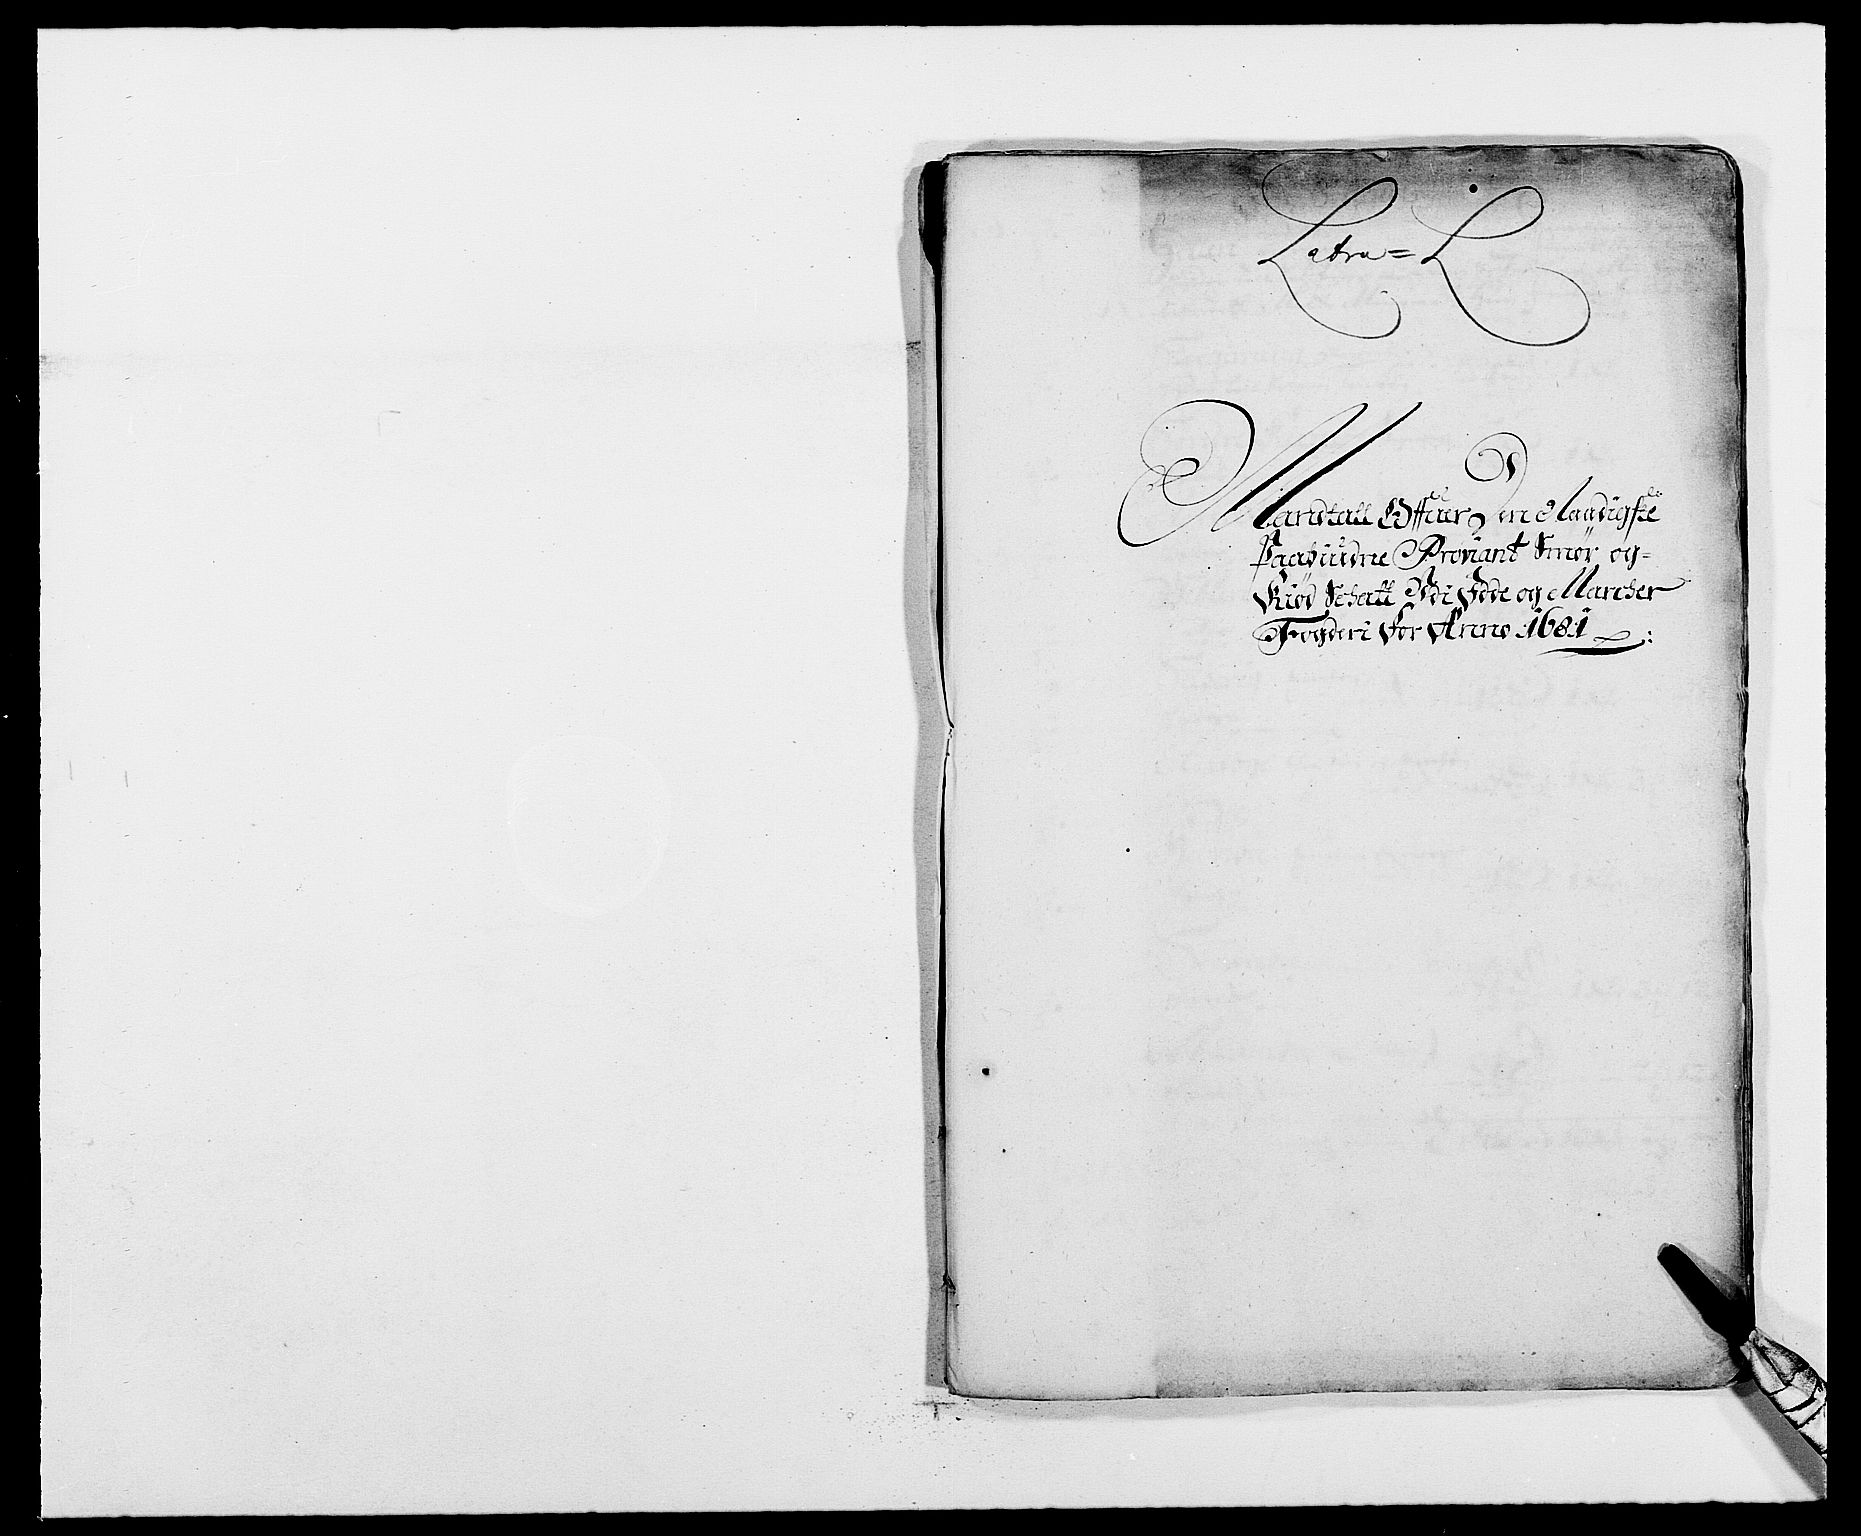 RA, Rentekammeret inntil 1814, Reviderte regnskaper, Fogderegnskap, R01/L0003: Fogderegnskap Idd og Marker, 1678-1681, s. 102